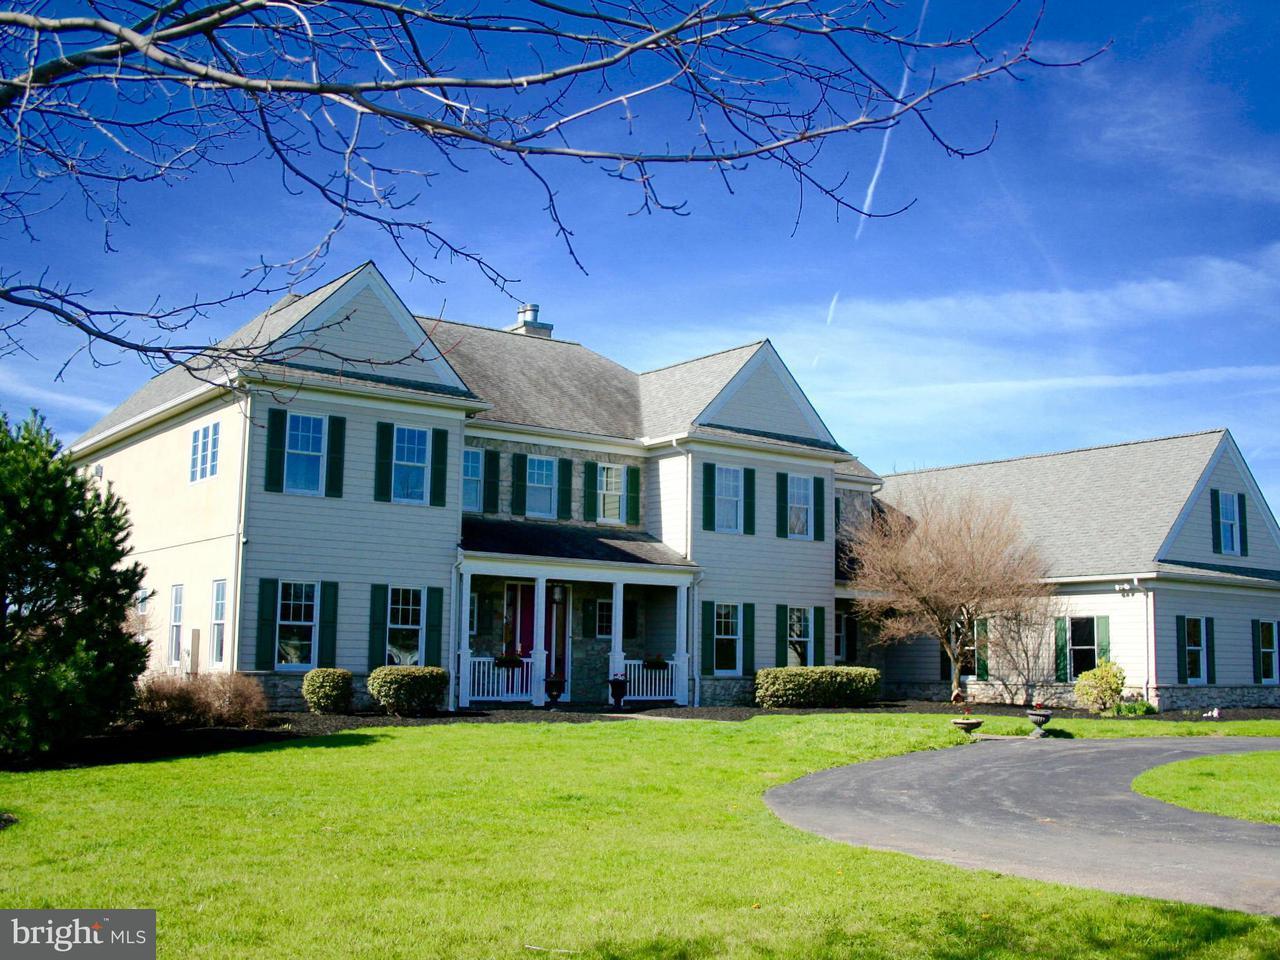 Villa per Vendita alle ore 3060 FERREE HILL ROAD 3060 FERREE HILL ROAD York, Pensilvania 17403 Stati Uniti